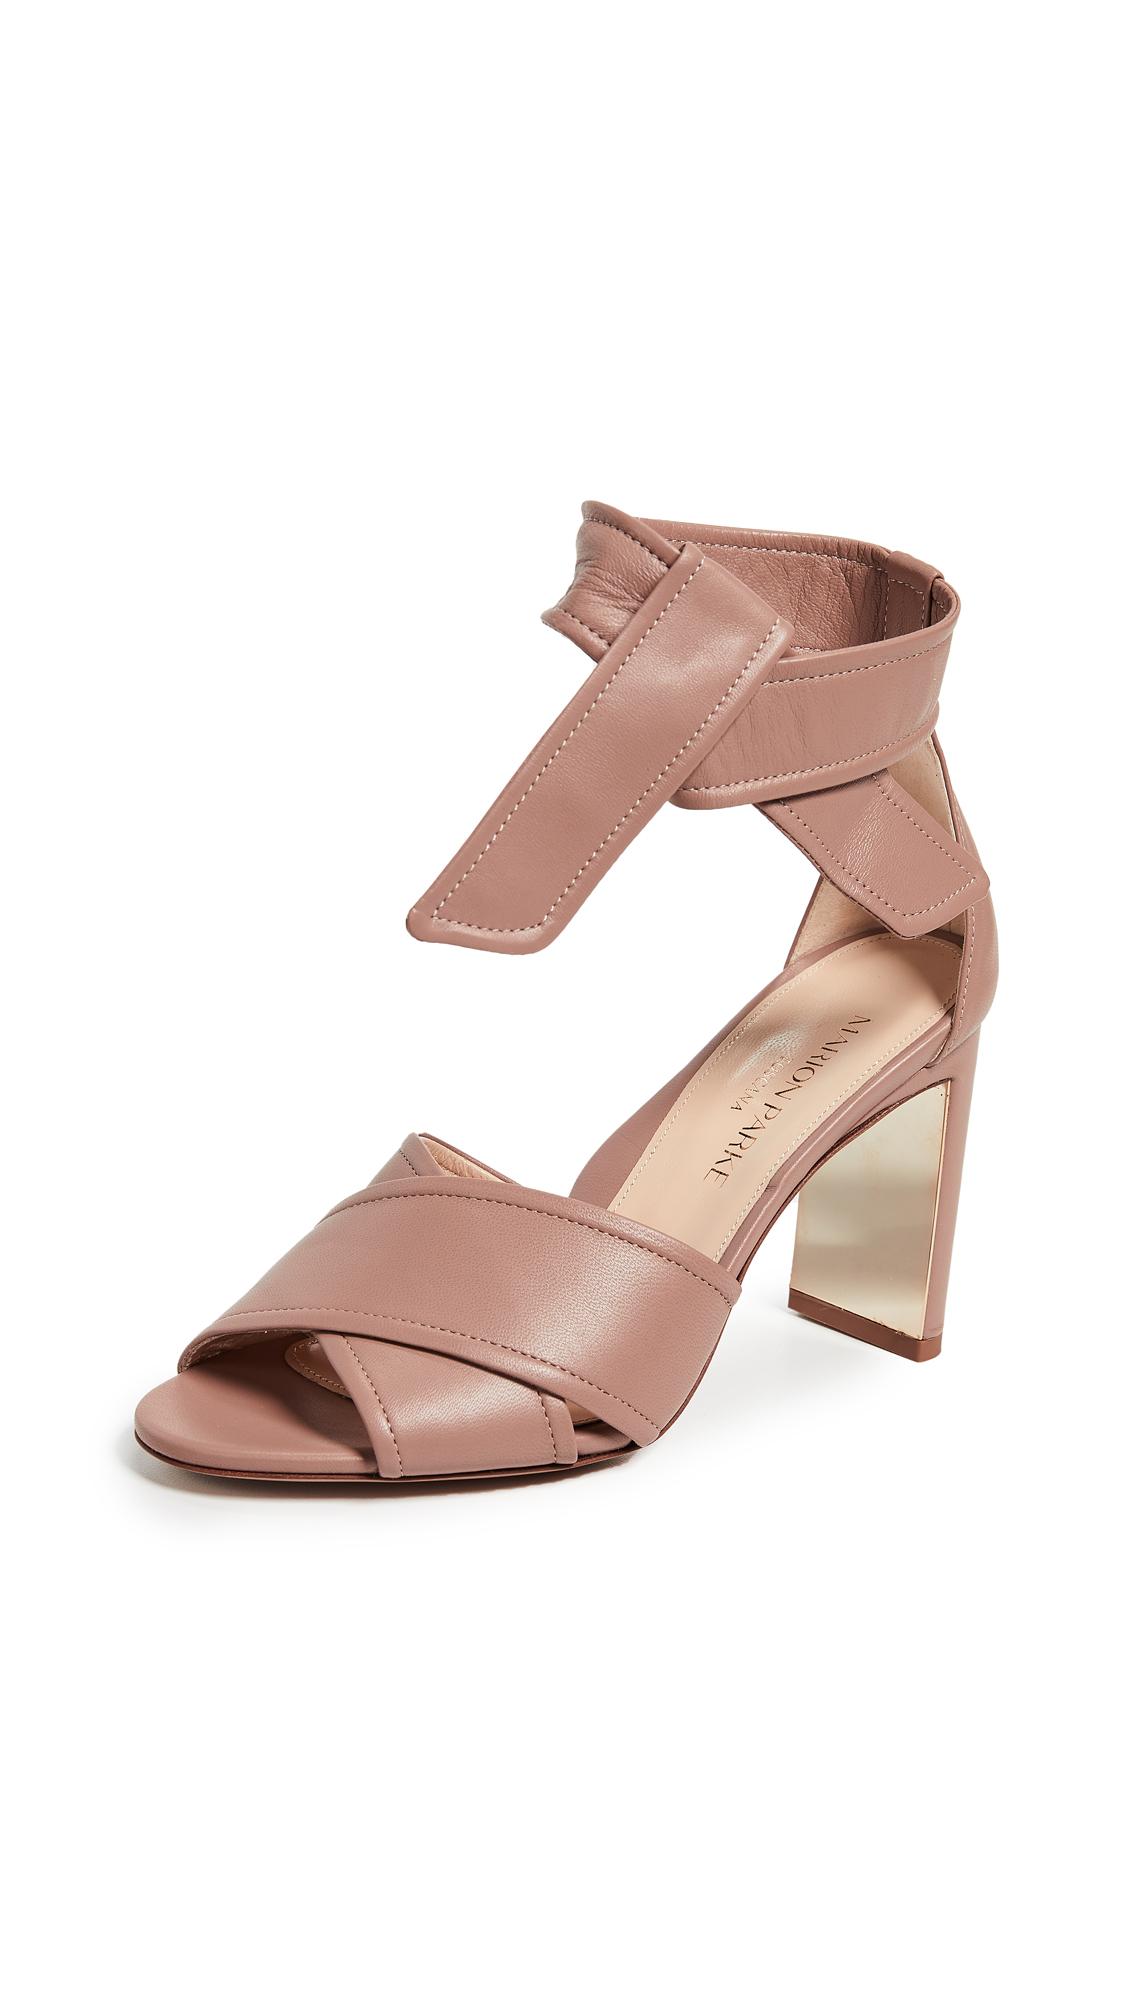 Marion Parke Leah Sandals - Blush